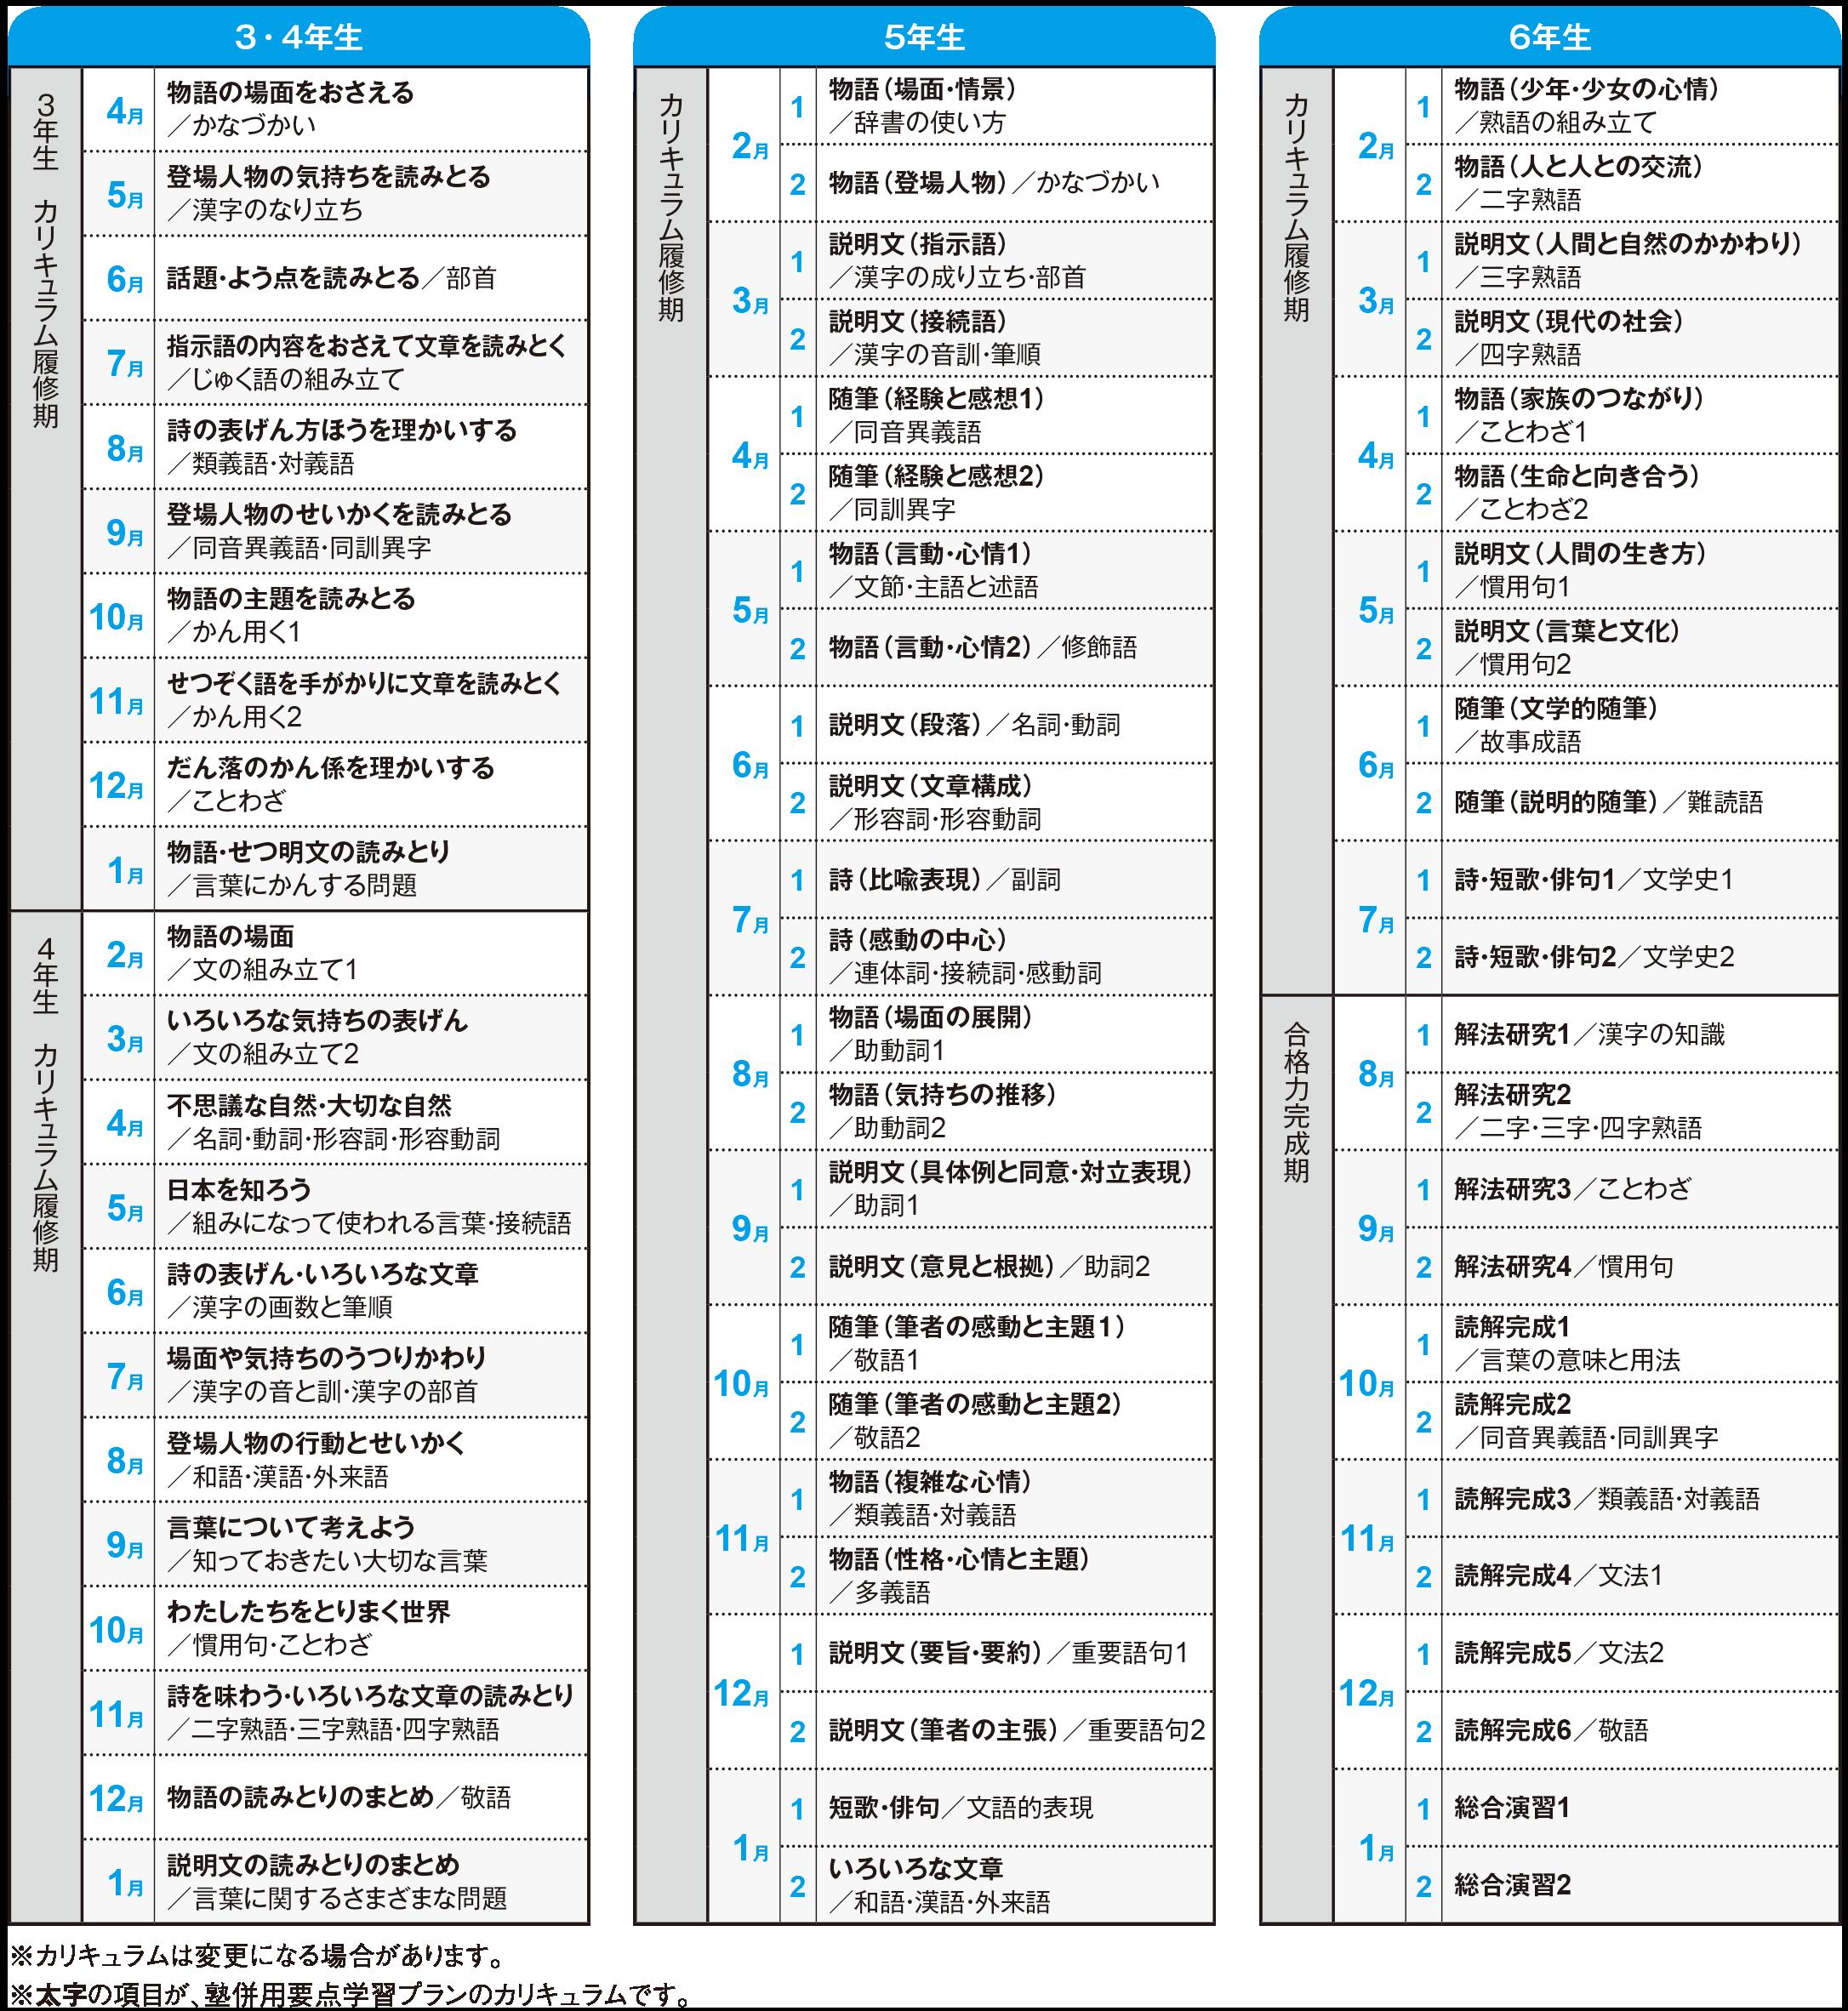 中学受験コース学習カリキュラム(2020年度)